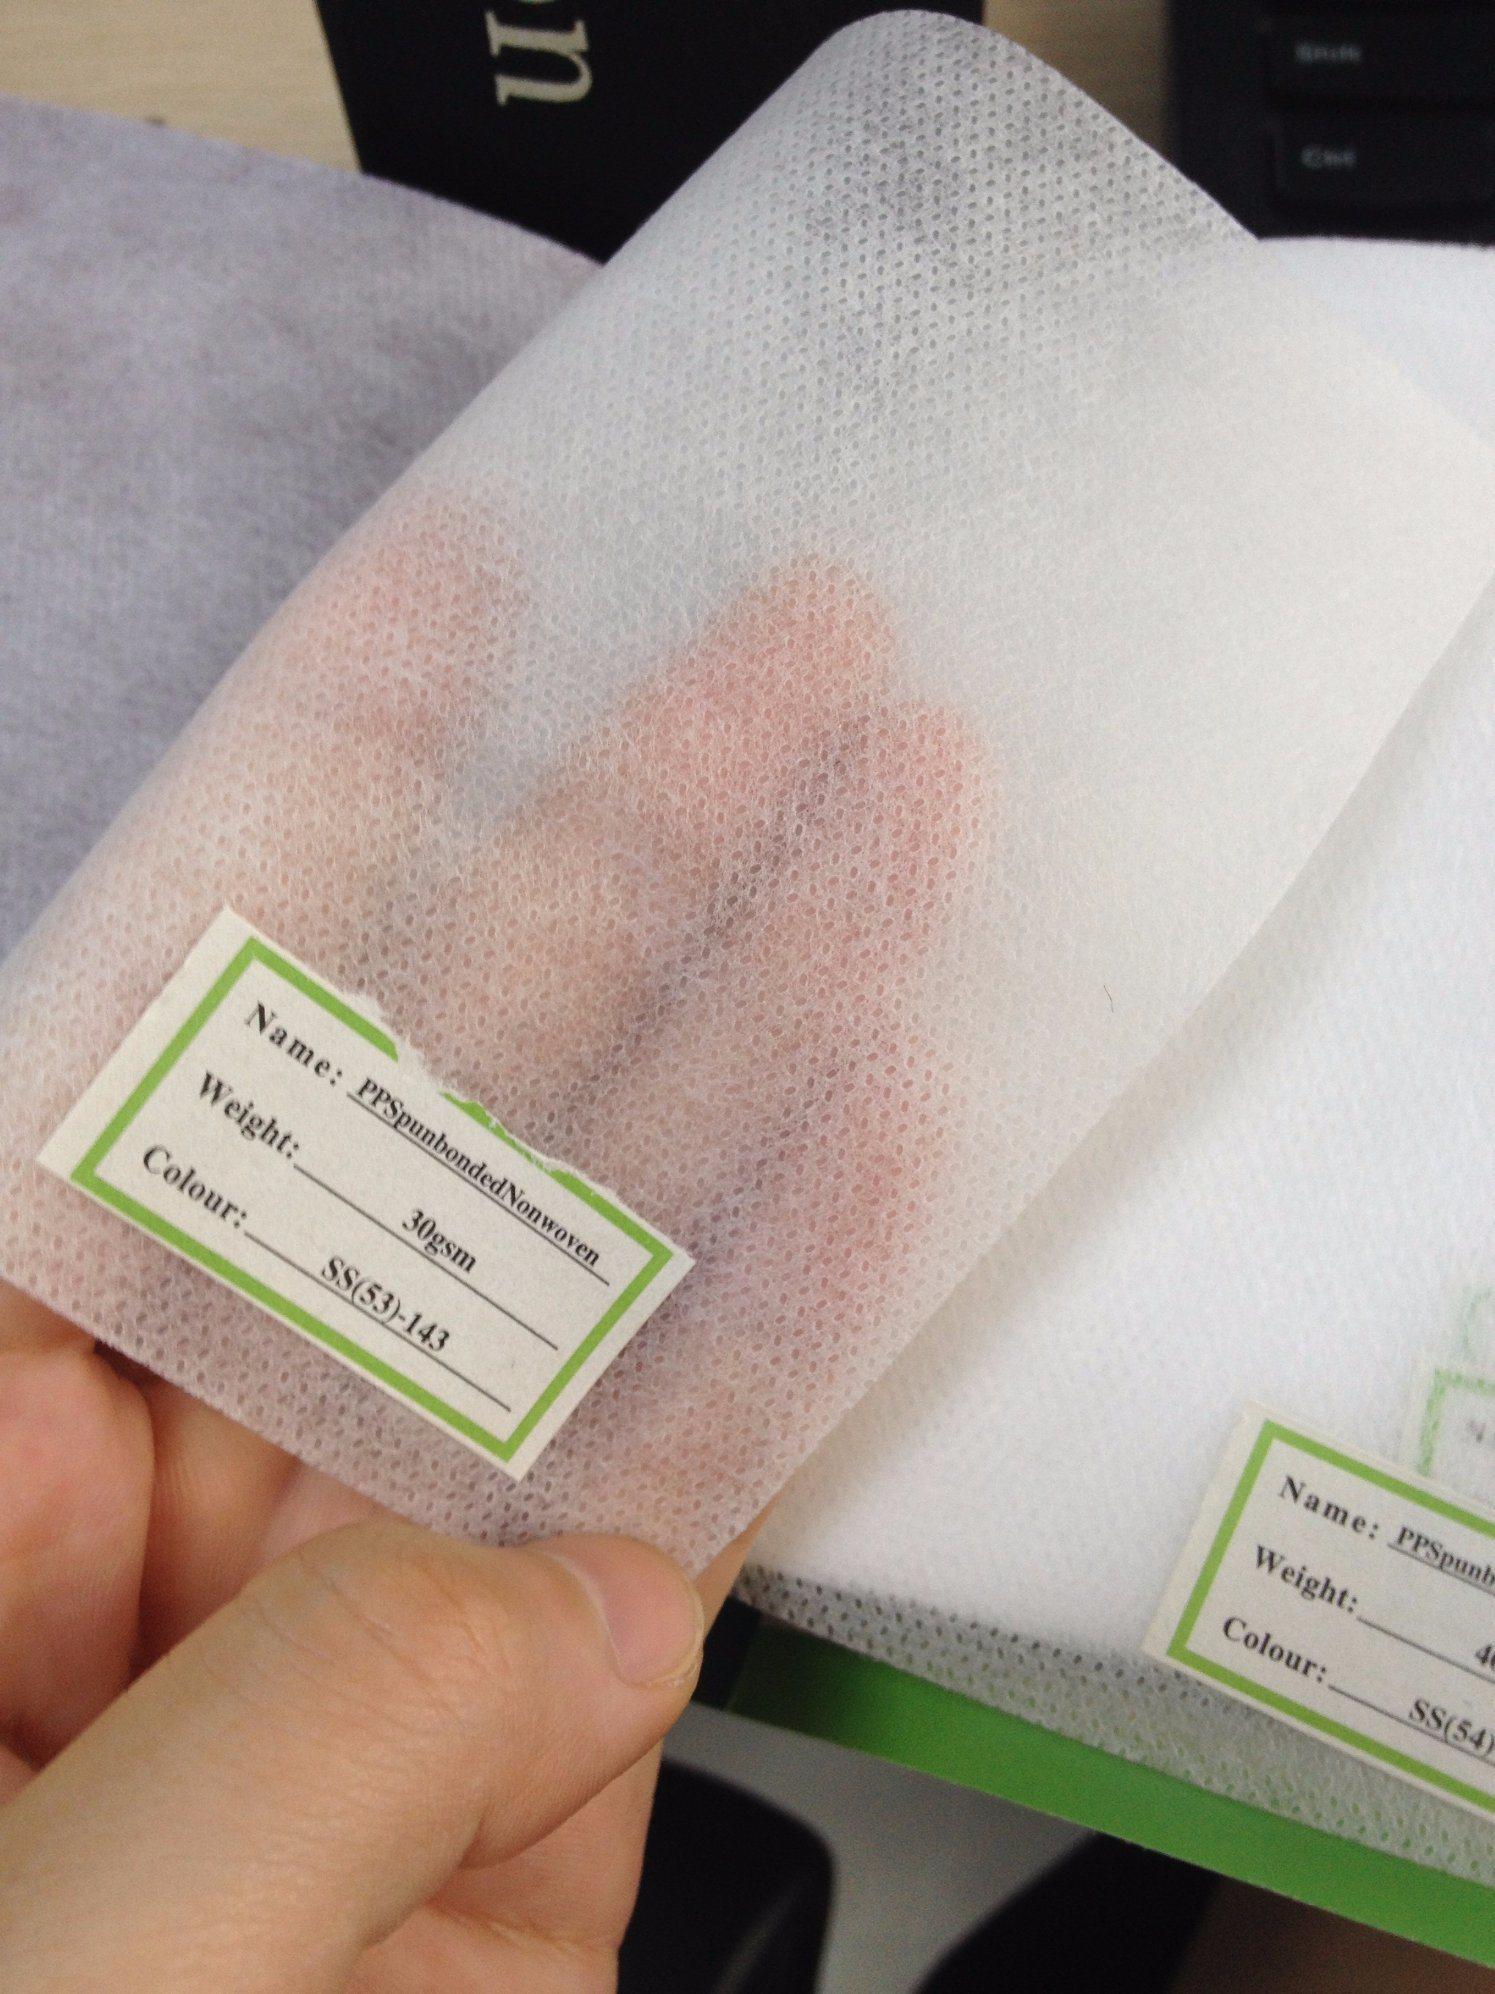 100% Polypropylene Spun-Bonded Fabric Material